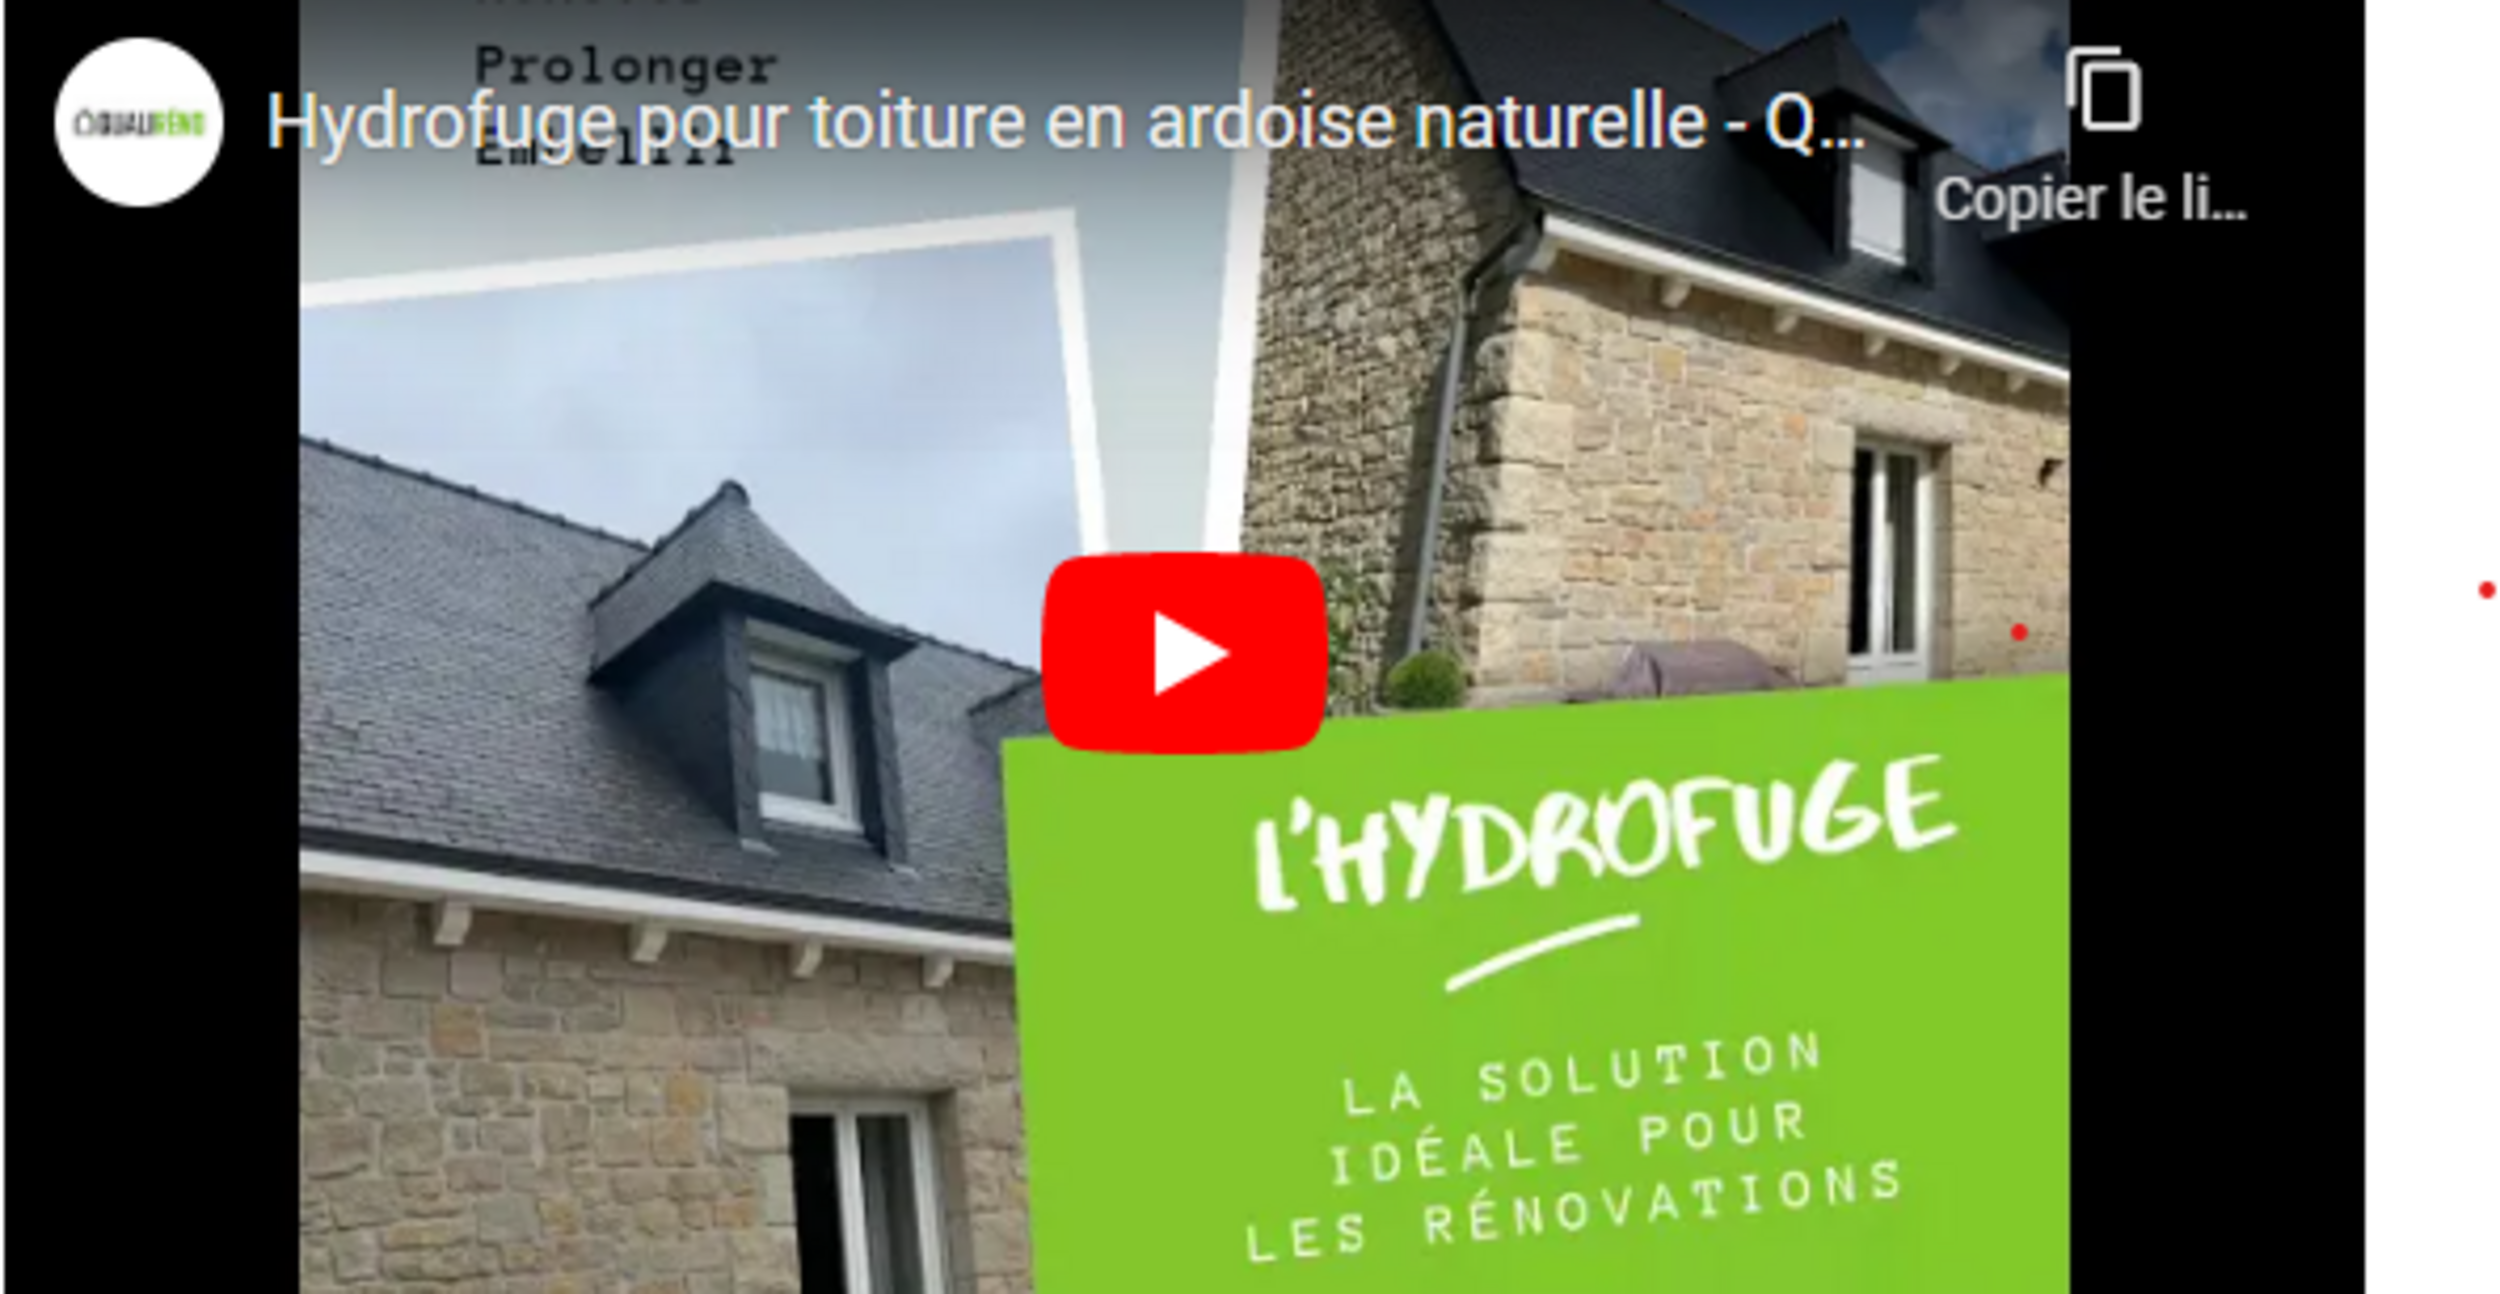 Hydrofuge pour toiture en ardoise naturelle -Rénovation